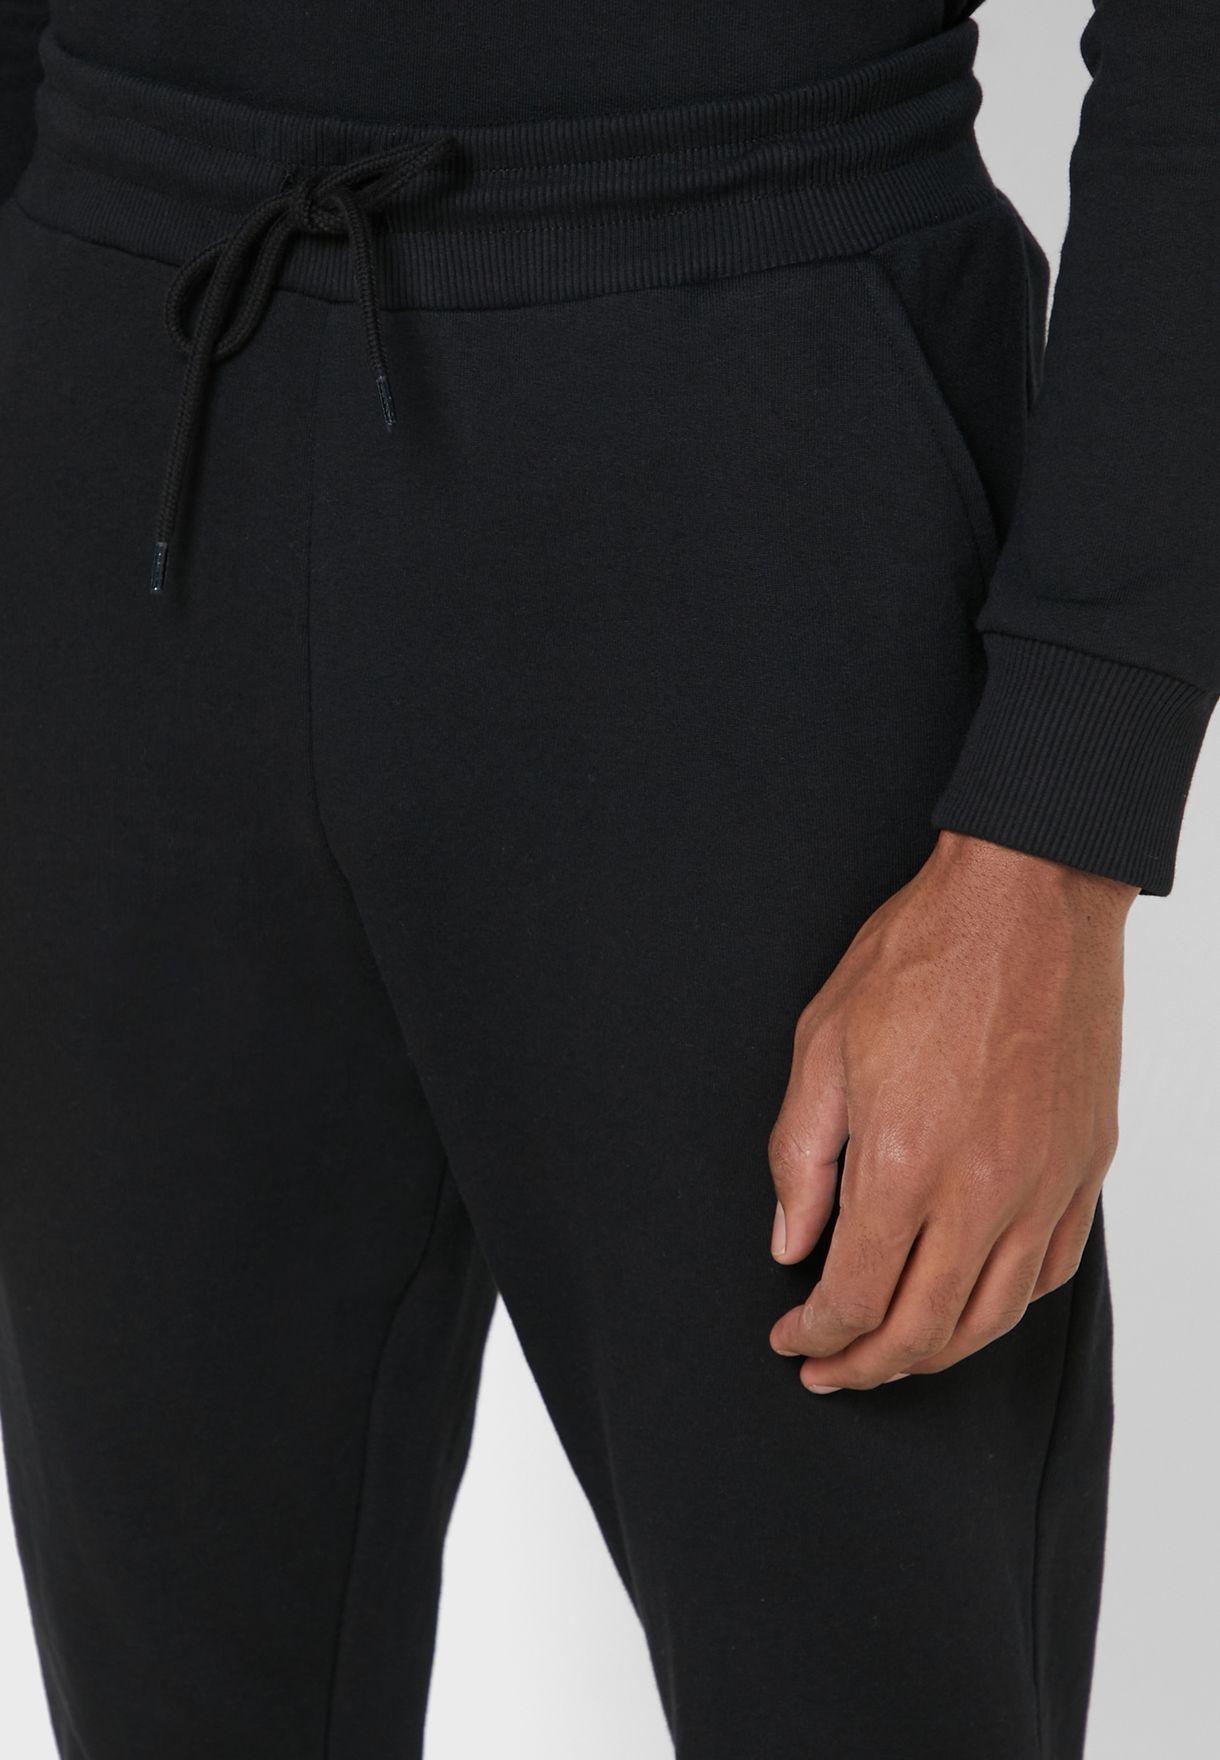 Drop Crotch Jogger